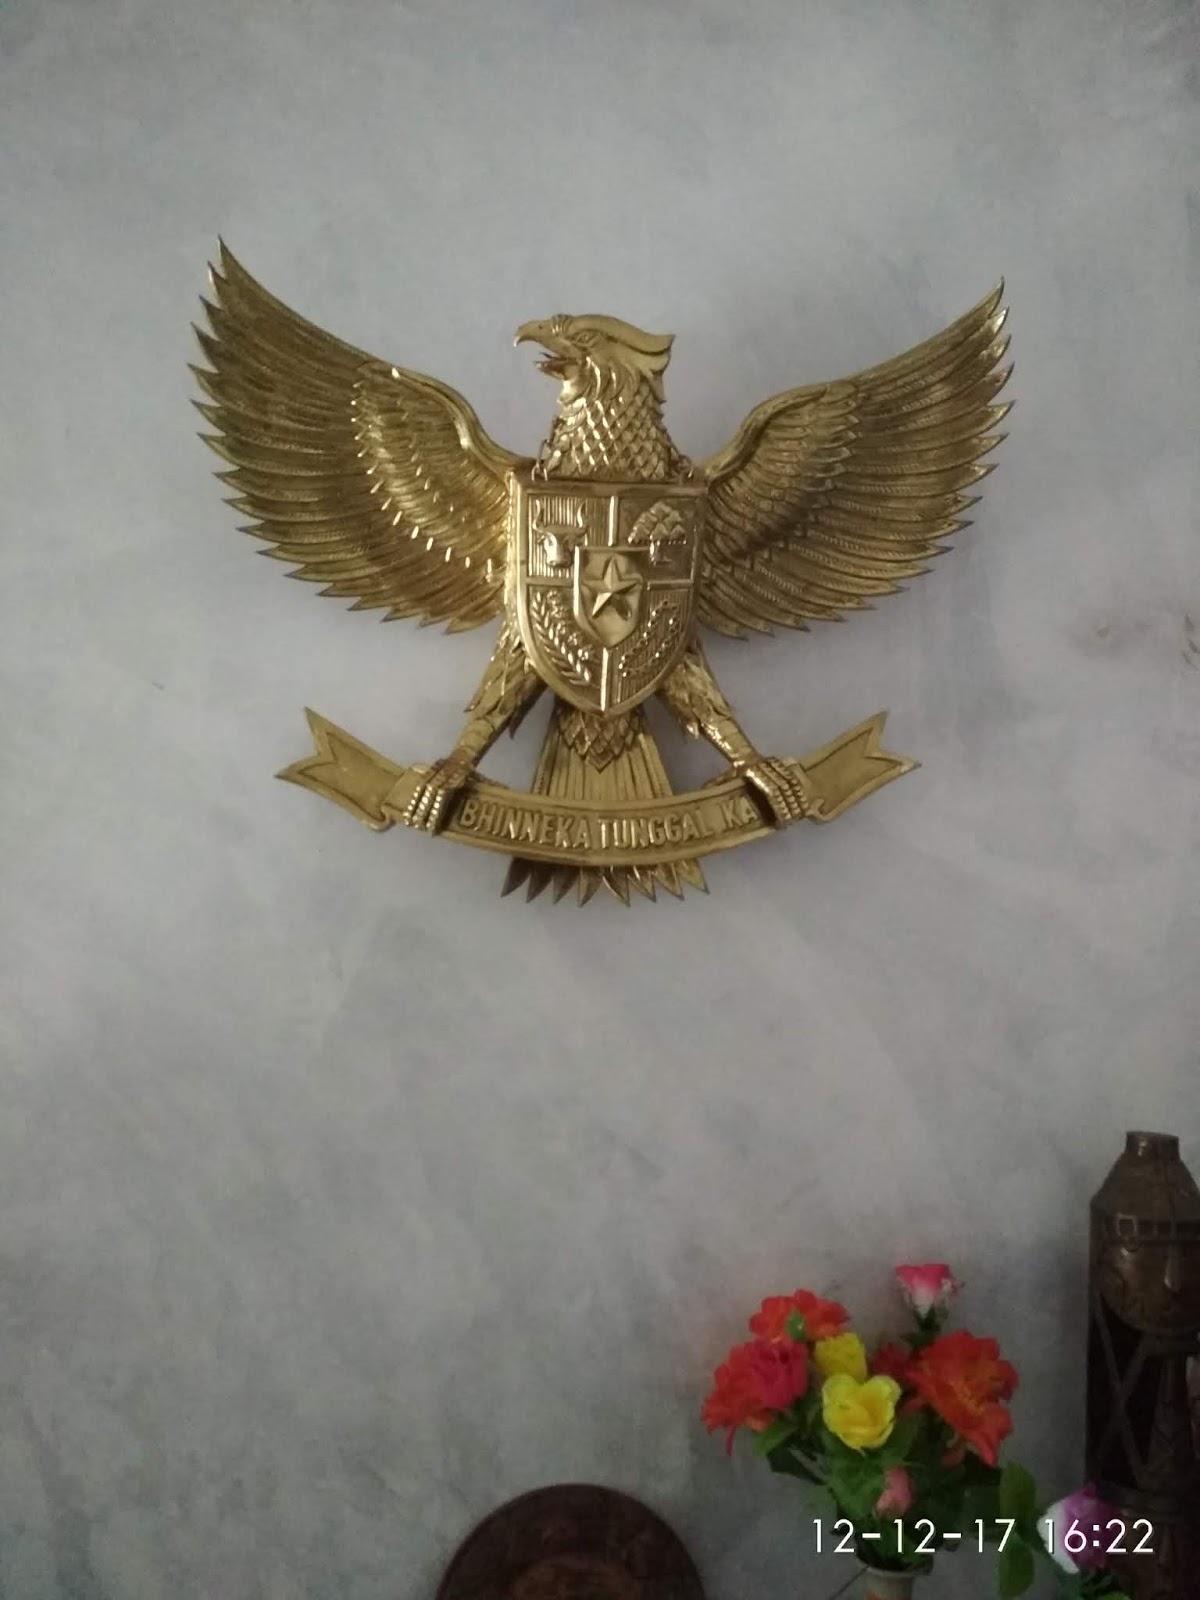 Patung Garuda Kerajinan Tembaga Dan Kuningan Yahro Art